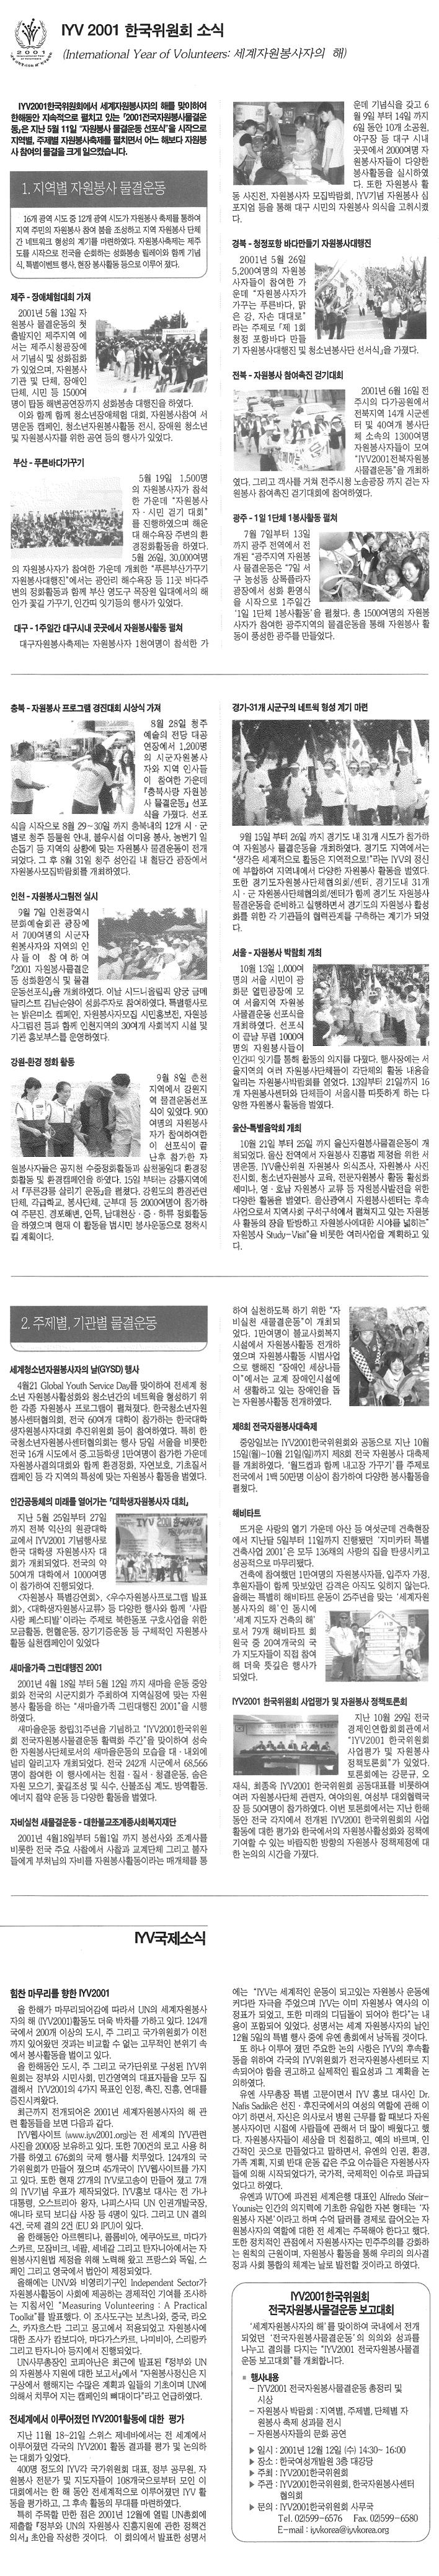 26호 IYV2001 한국위원회